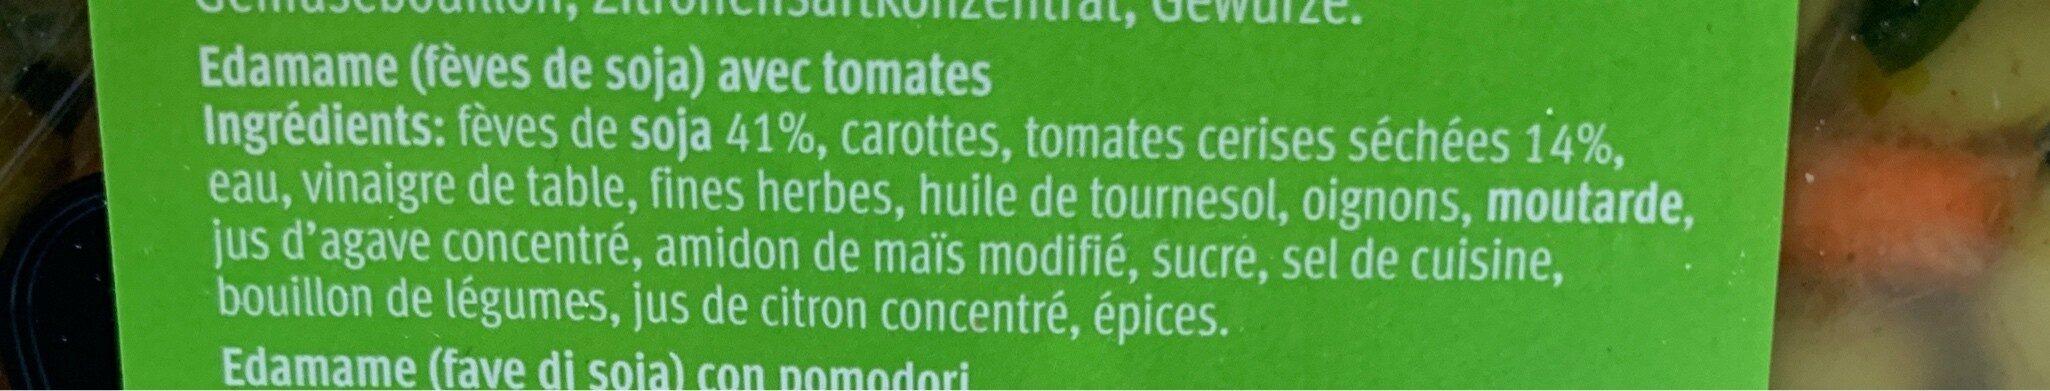 Salade d'édamame aux tomates séchées - Ingredients - fr